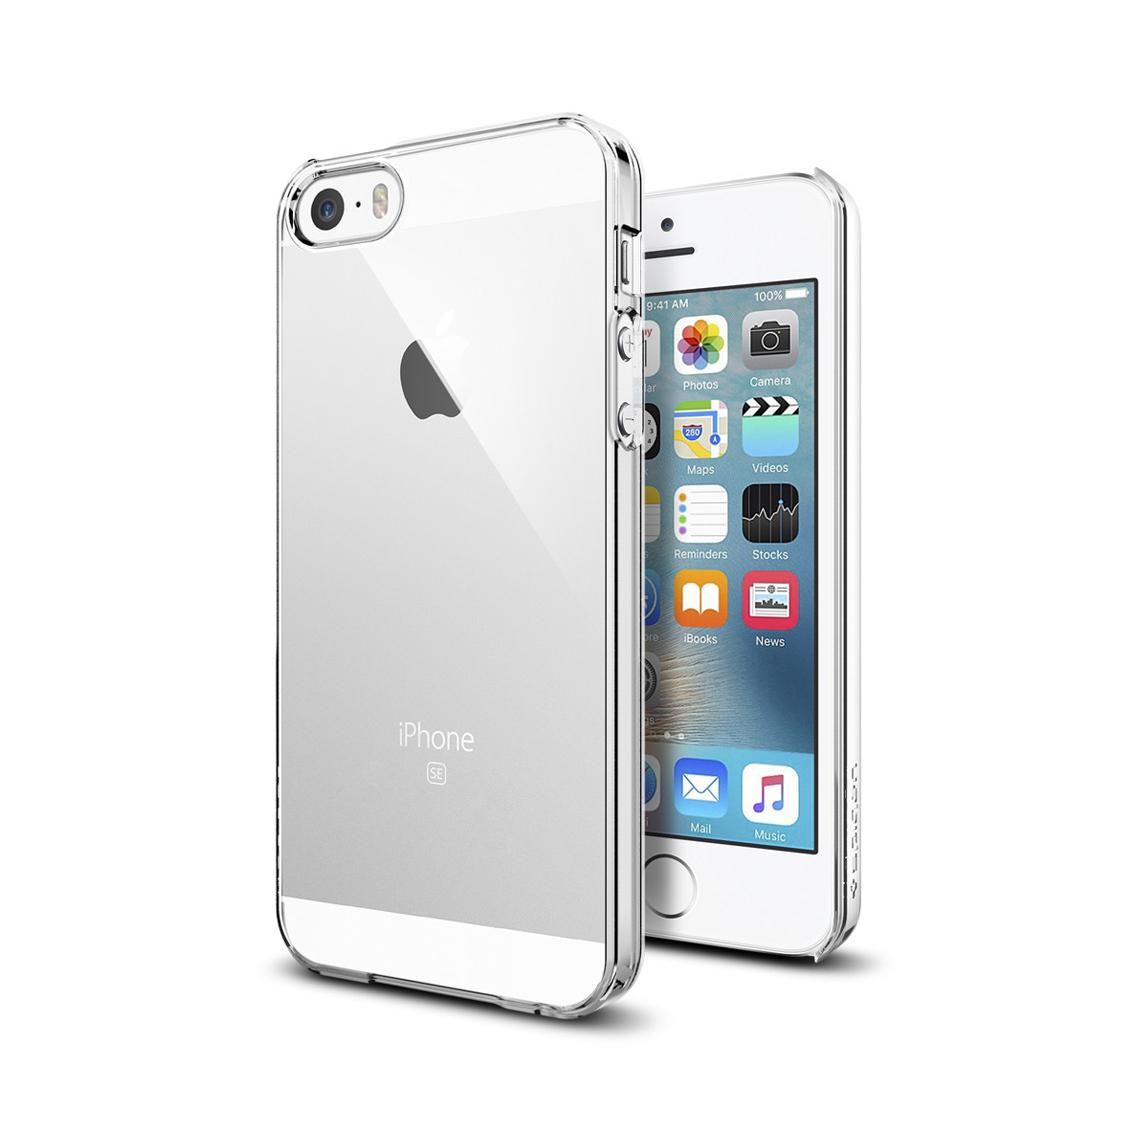 Billede af Spigen Thin Fit for iPhone 5/5S/SE clear/crystal clear